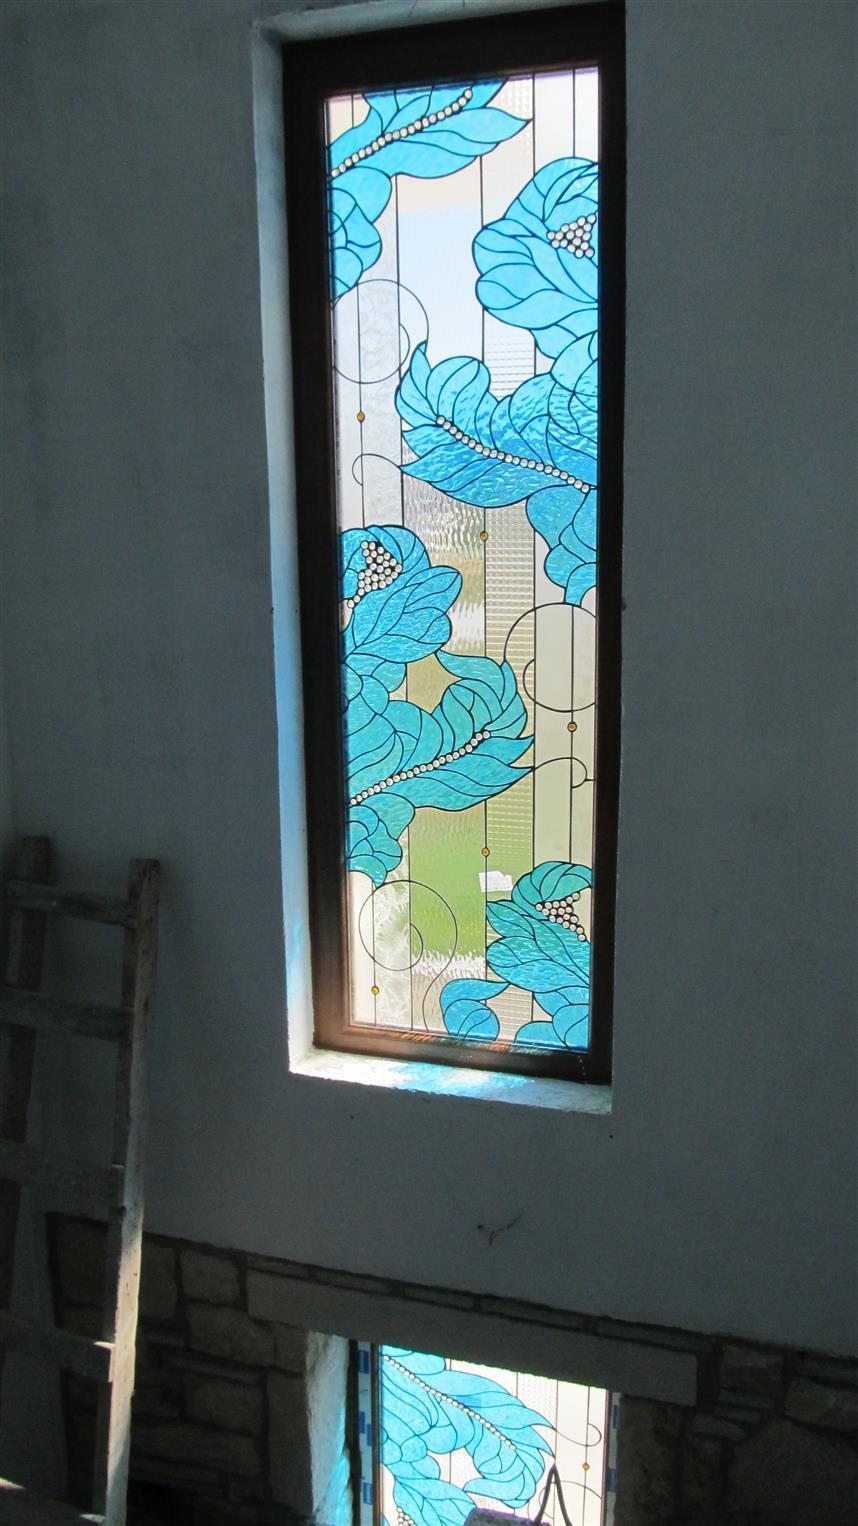 urla-evleri-vitray-calismasi201652145026534.jpg izmir vitray çalışması